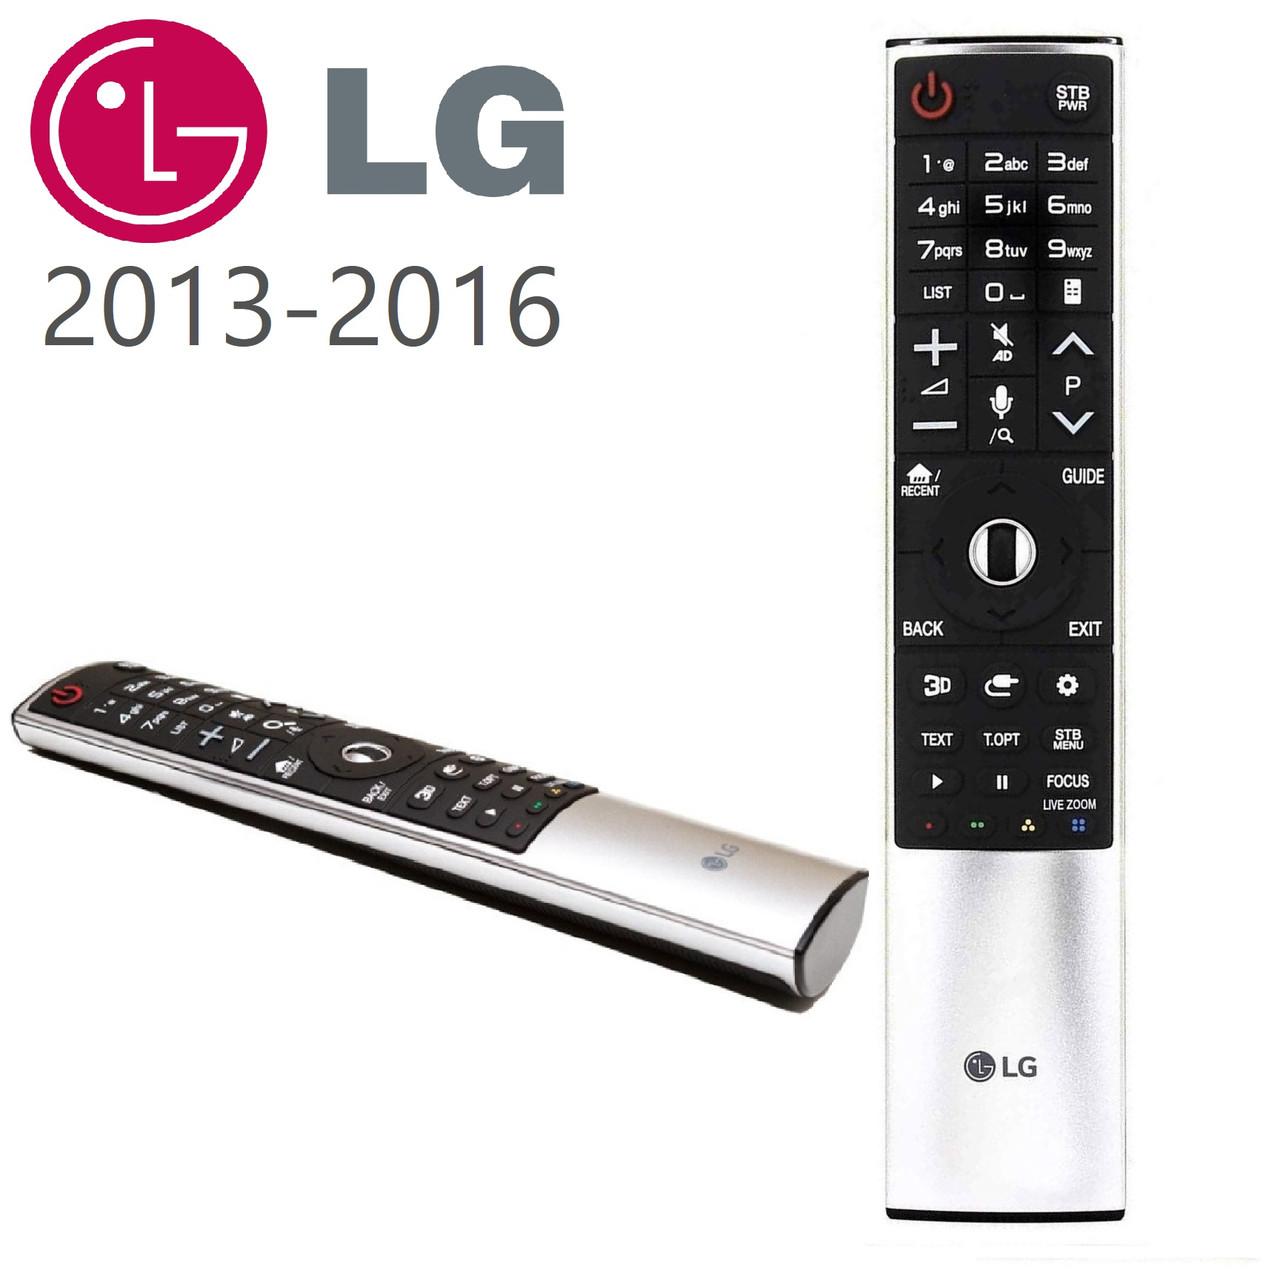 Оригинальный пульт ДУ LG Magic Remote AN-MR700 (akb74935301) к телевизорам LG 2013-2016 годов